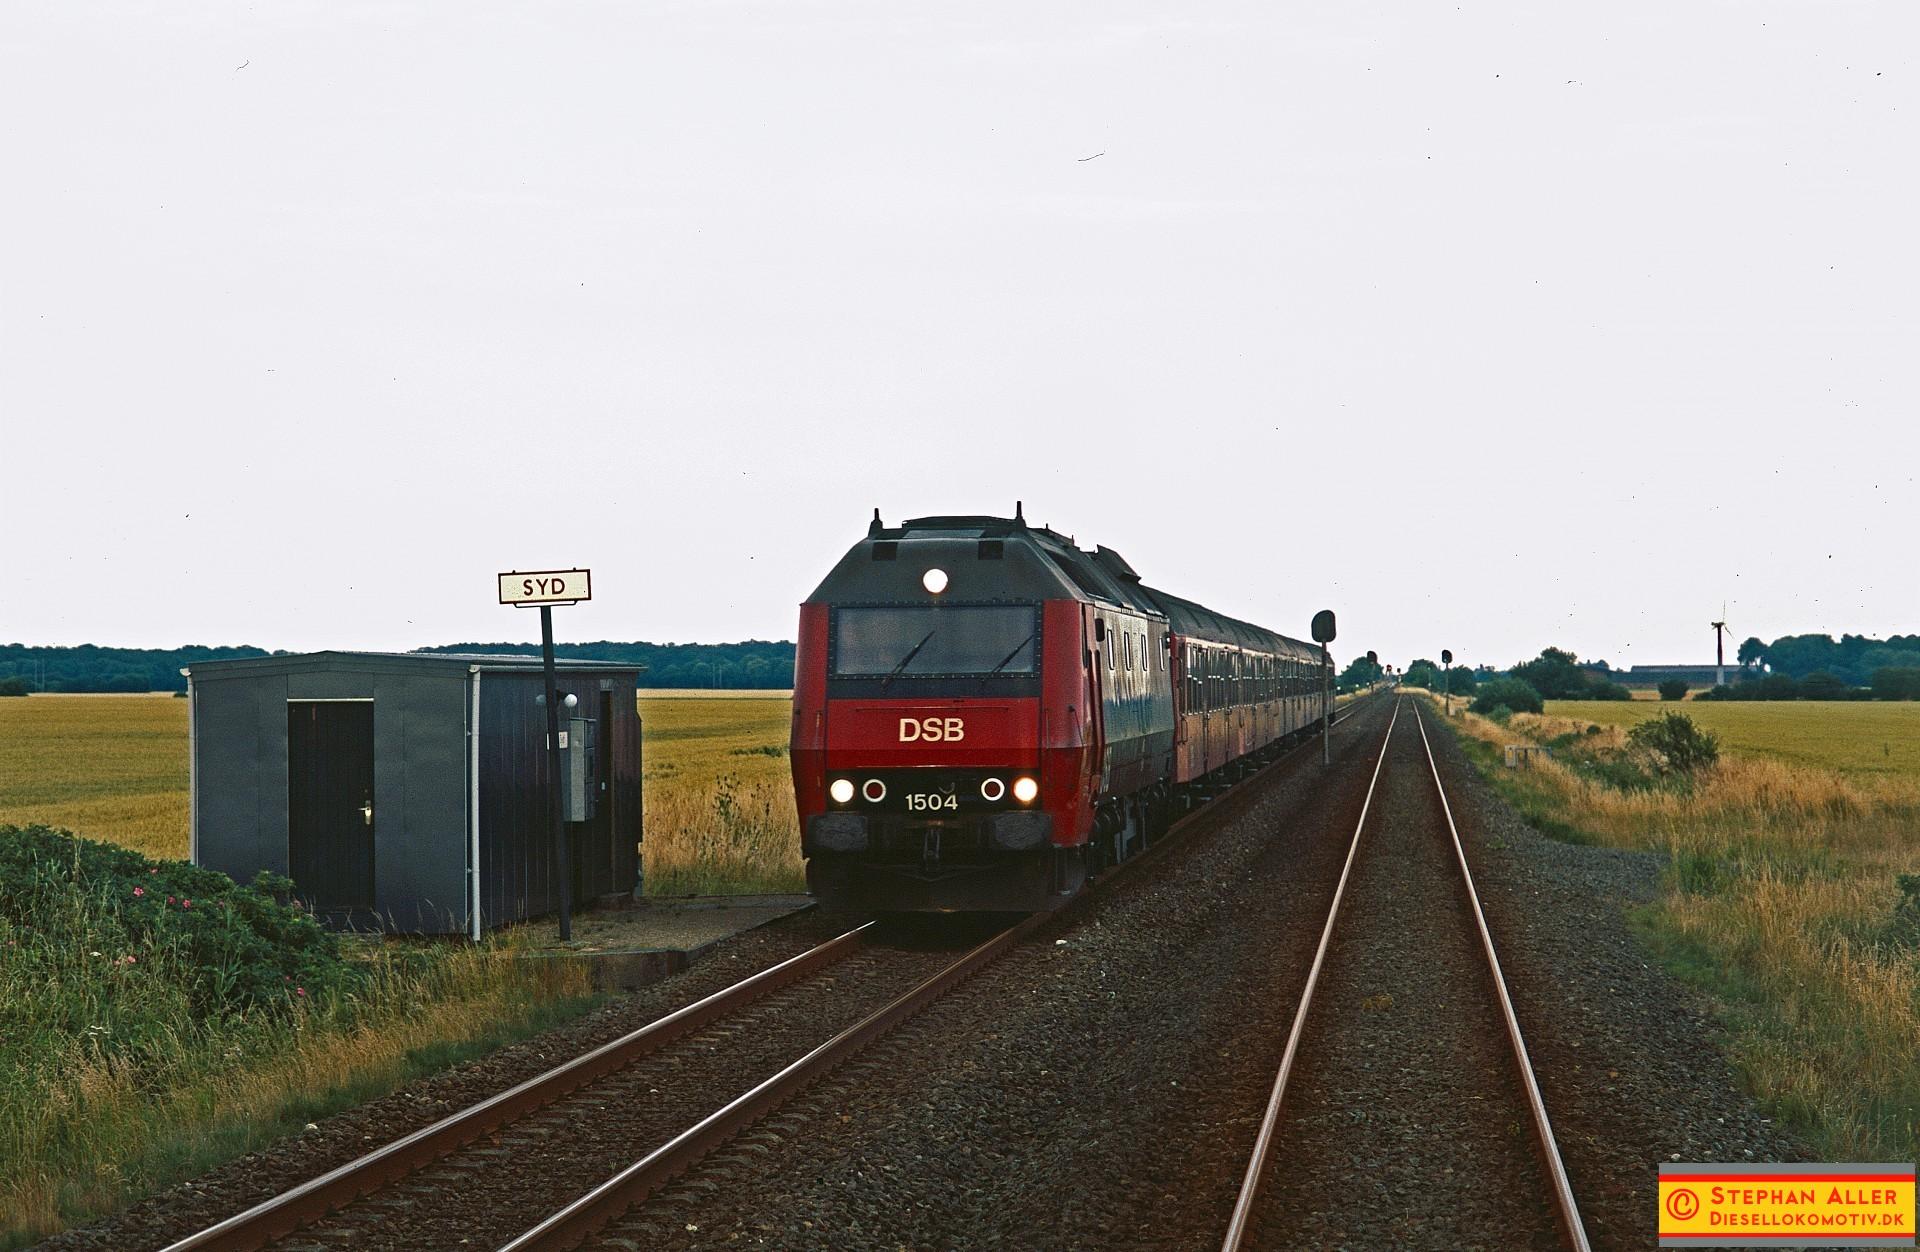 FP4959r